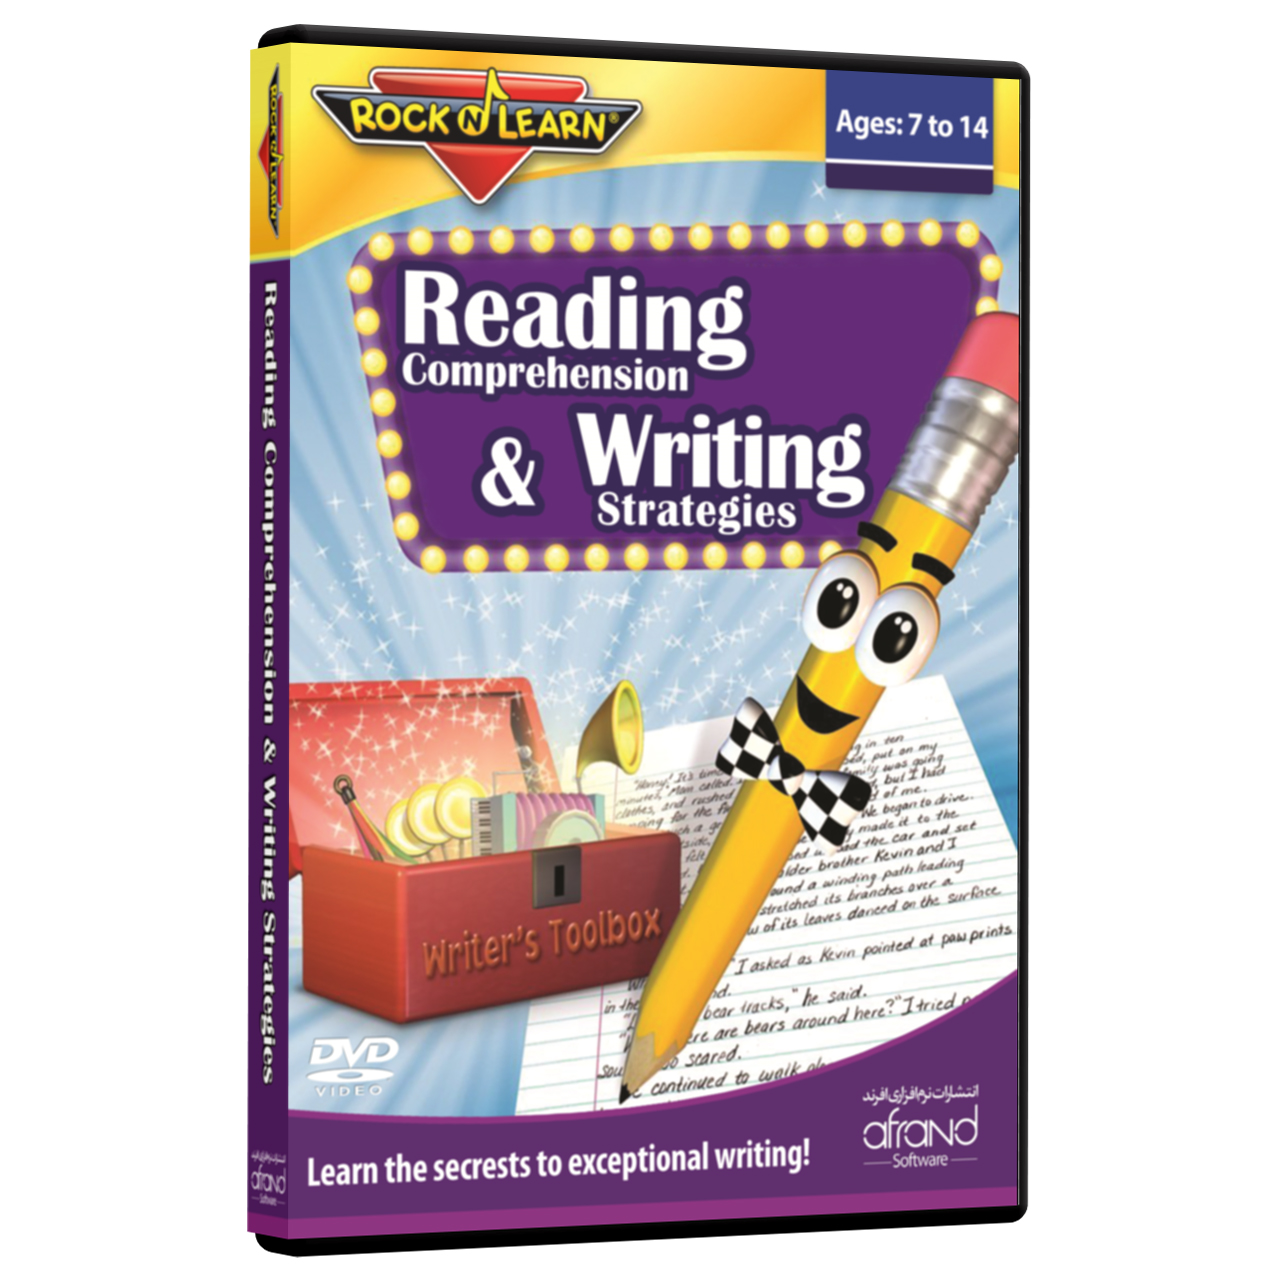 فیلم آموزش زبان انگلیسی RockNLearn Reading & Writing انتشارات نرم افزاری افرند